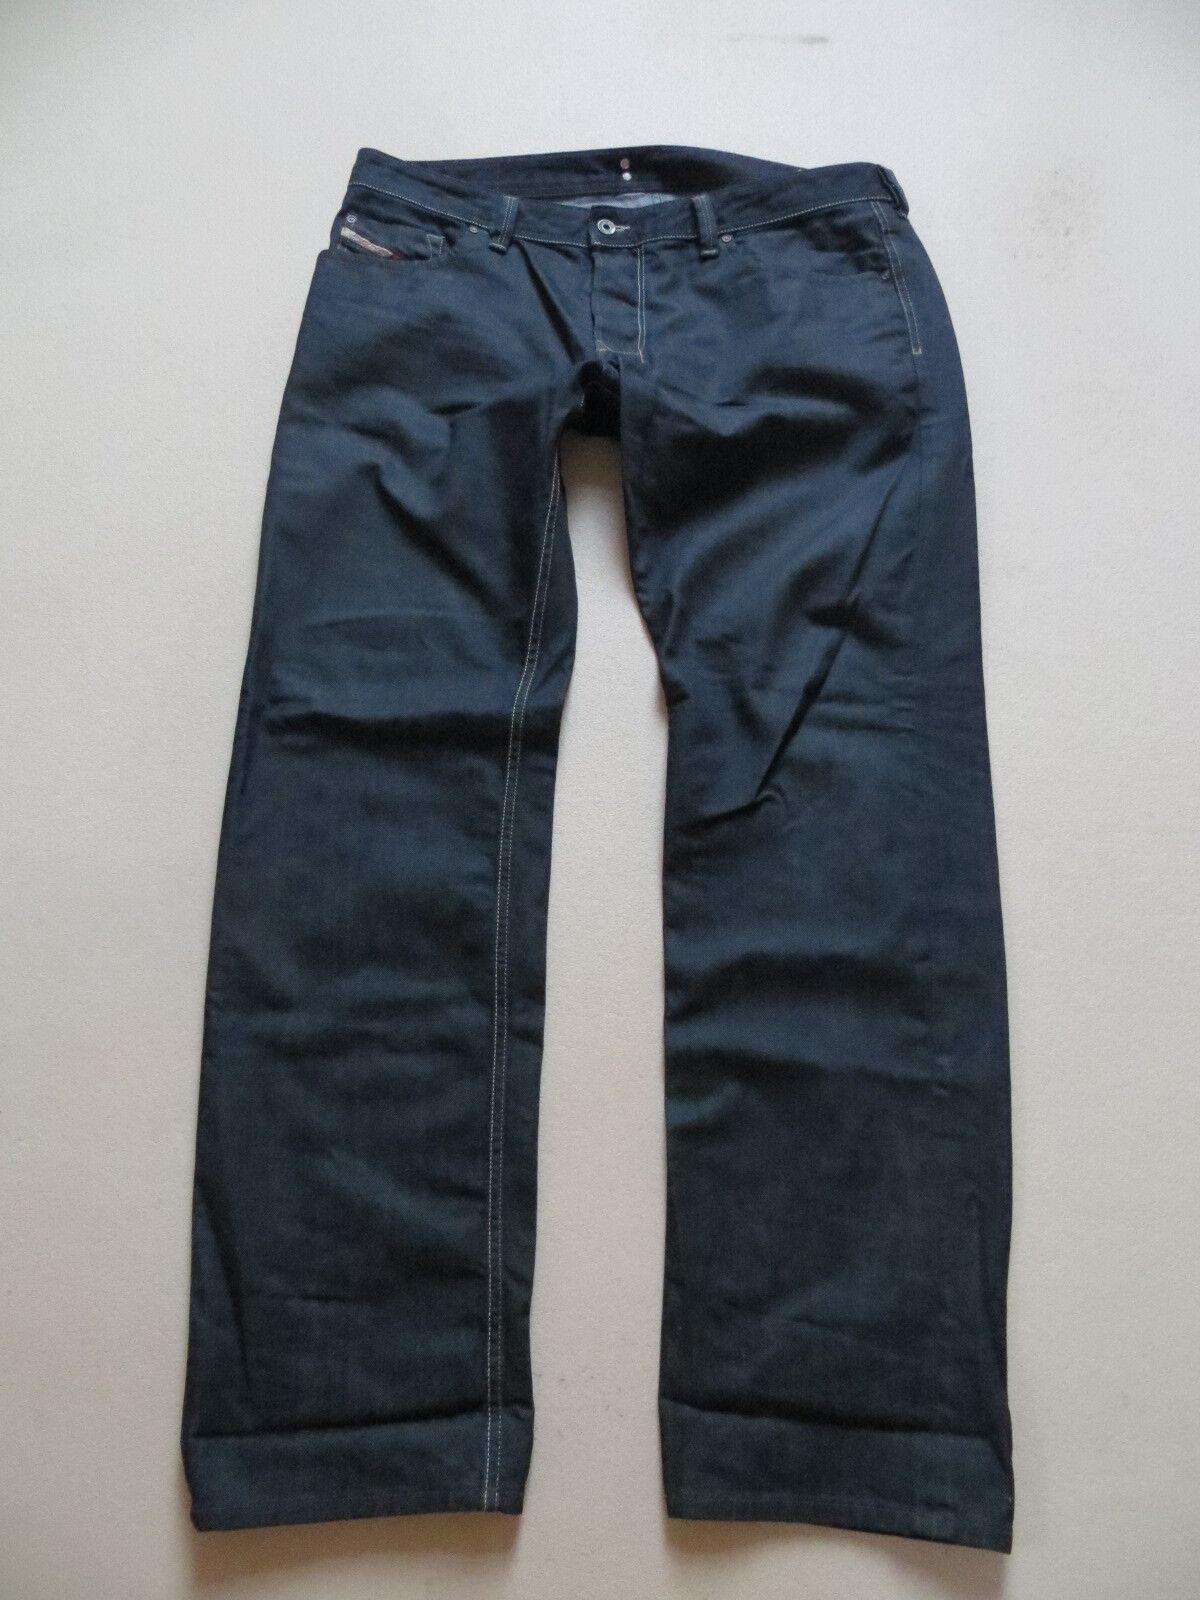 DIESEL Jeans Hose wash 0088Z LARKEE W 38  L 34 dark Indigo Denim KULT Modell